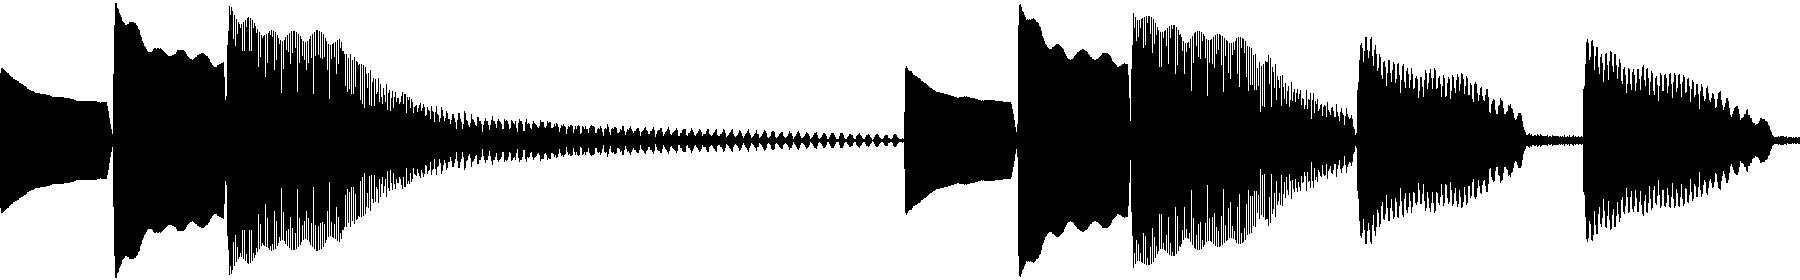 ehp synloop 130 inspace db